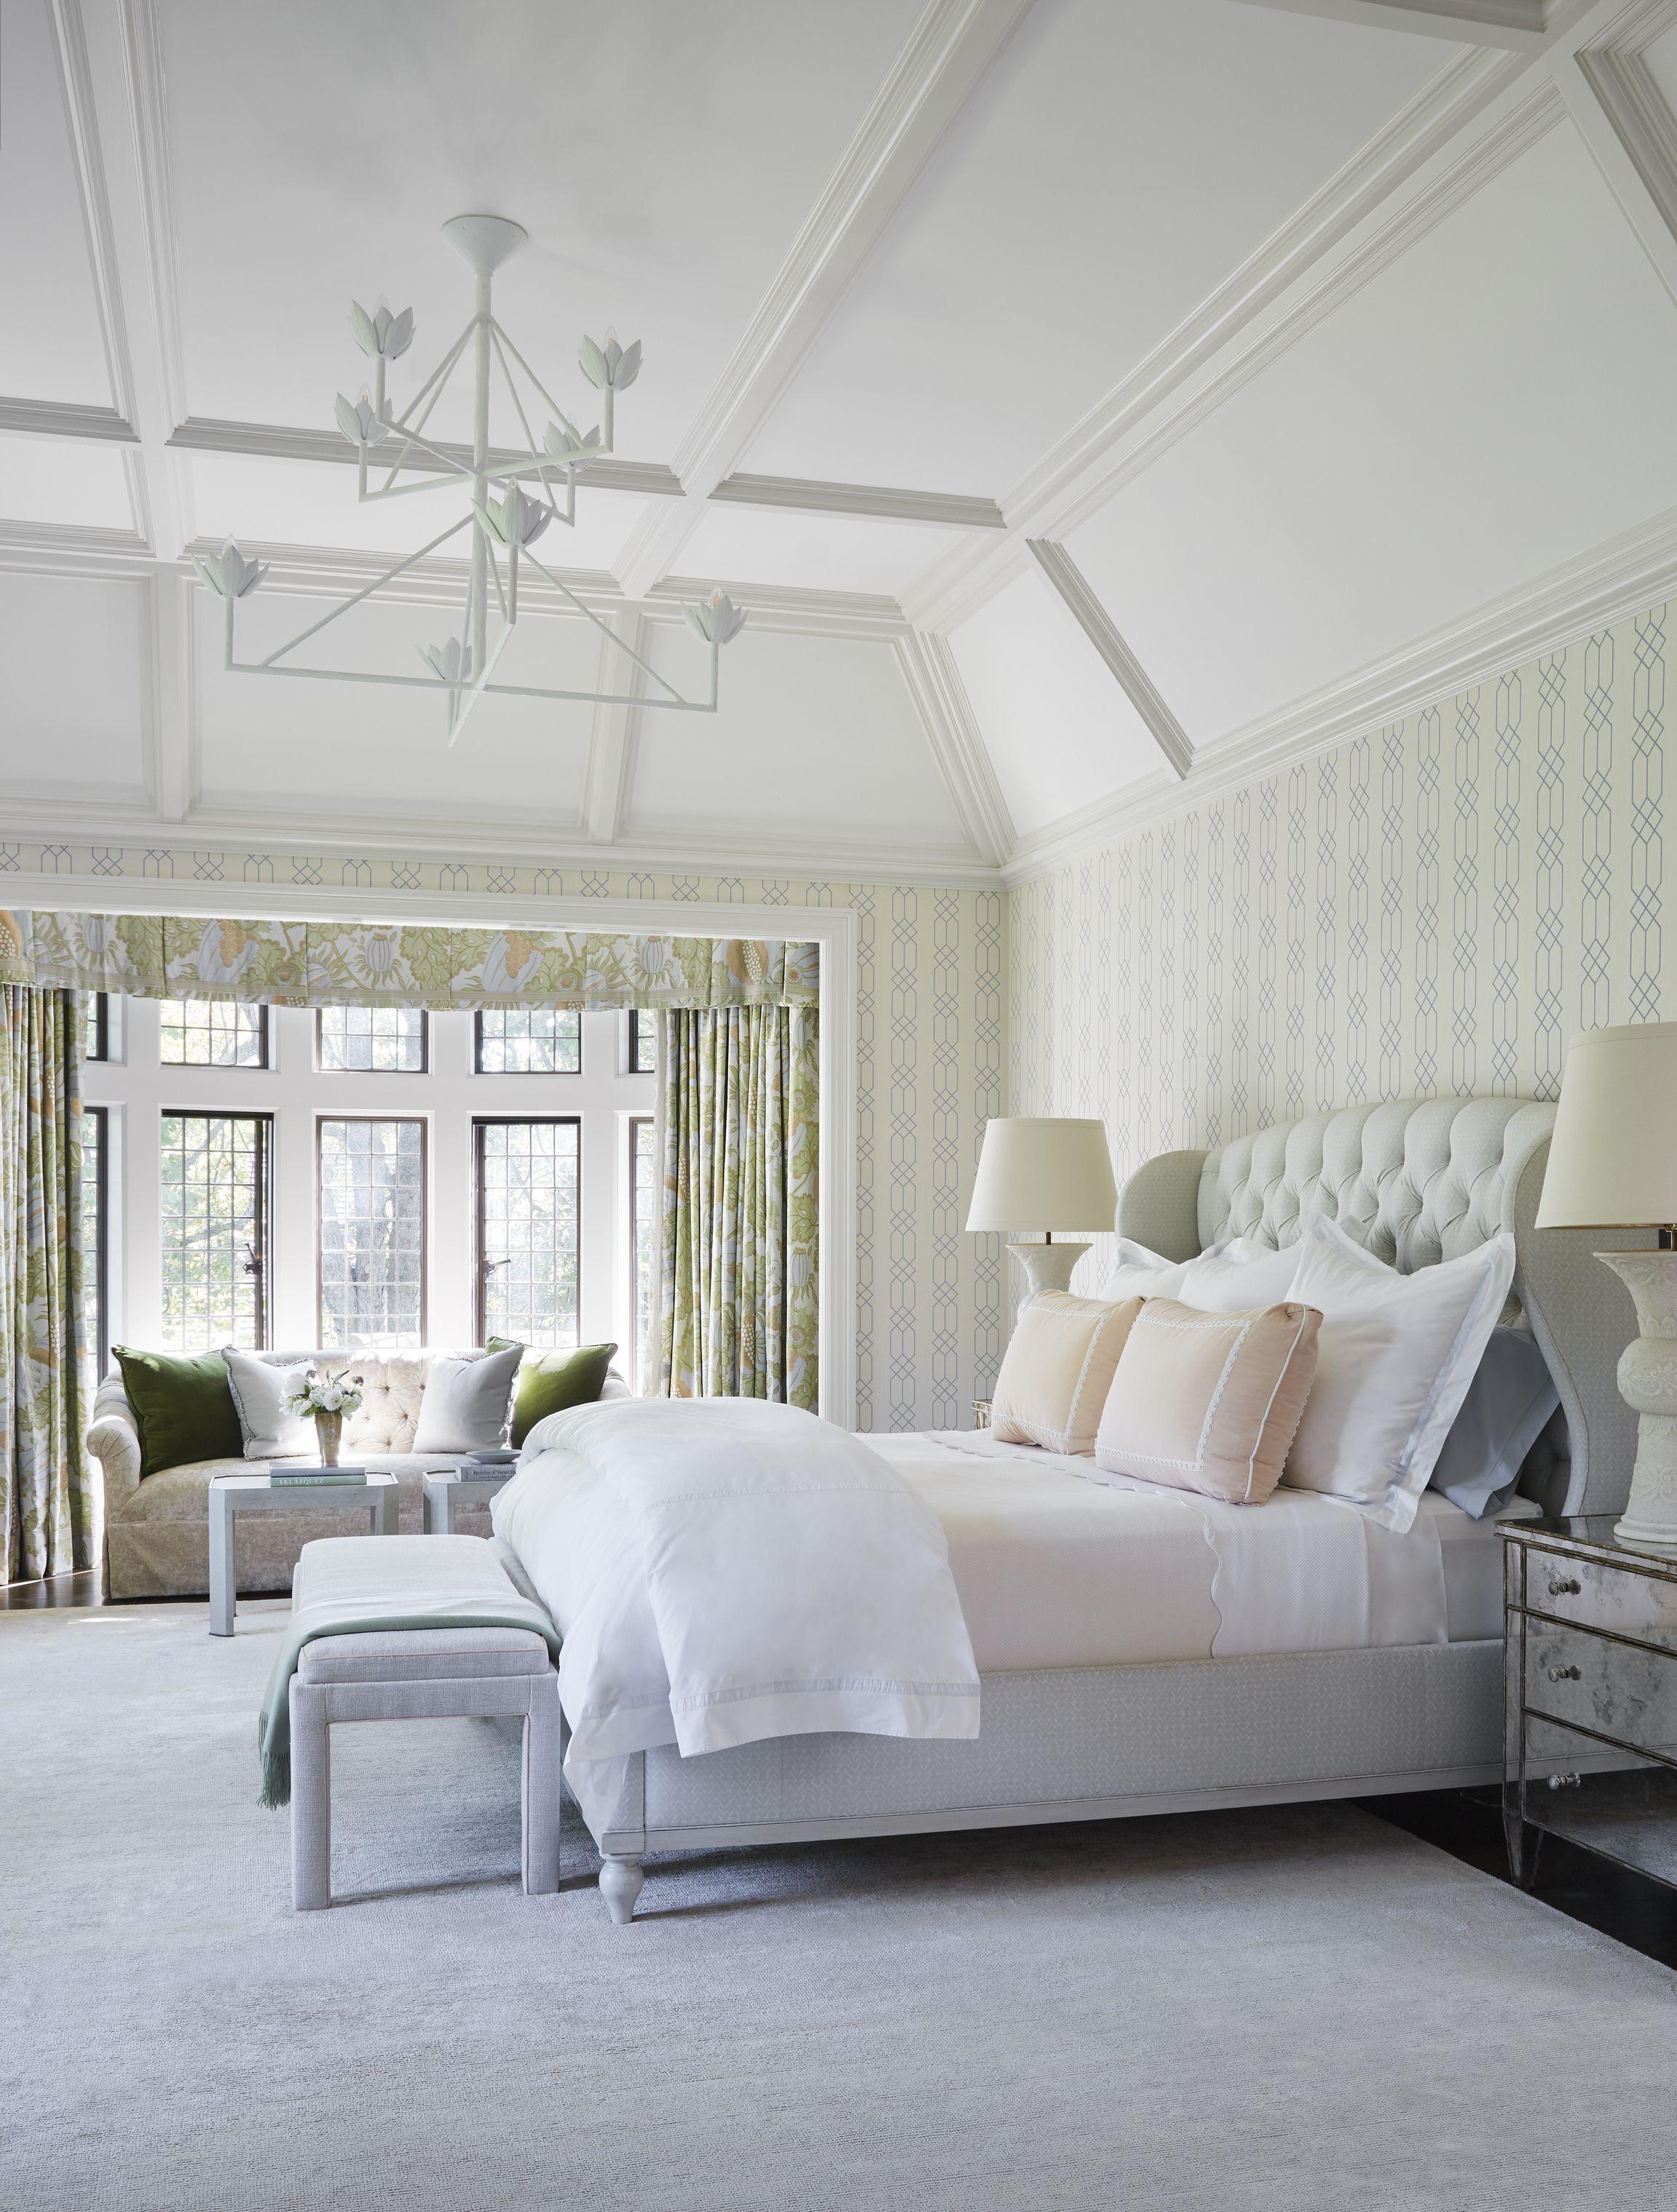 20 Best Bedroom Ideas 20   Beautiful Bedroom Decorating Tips